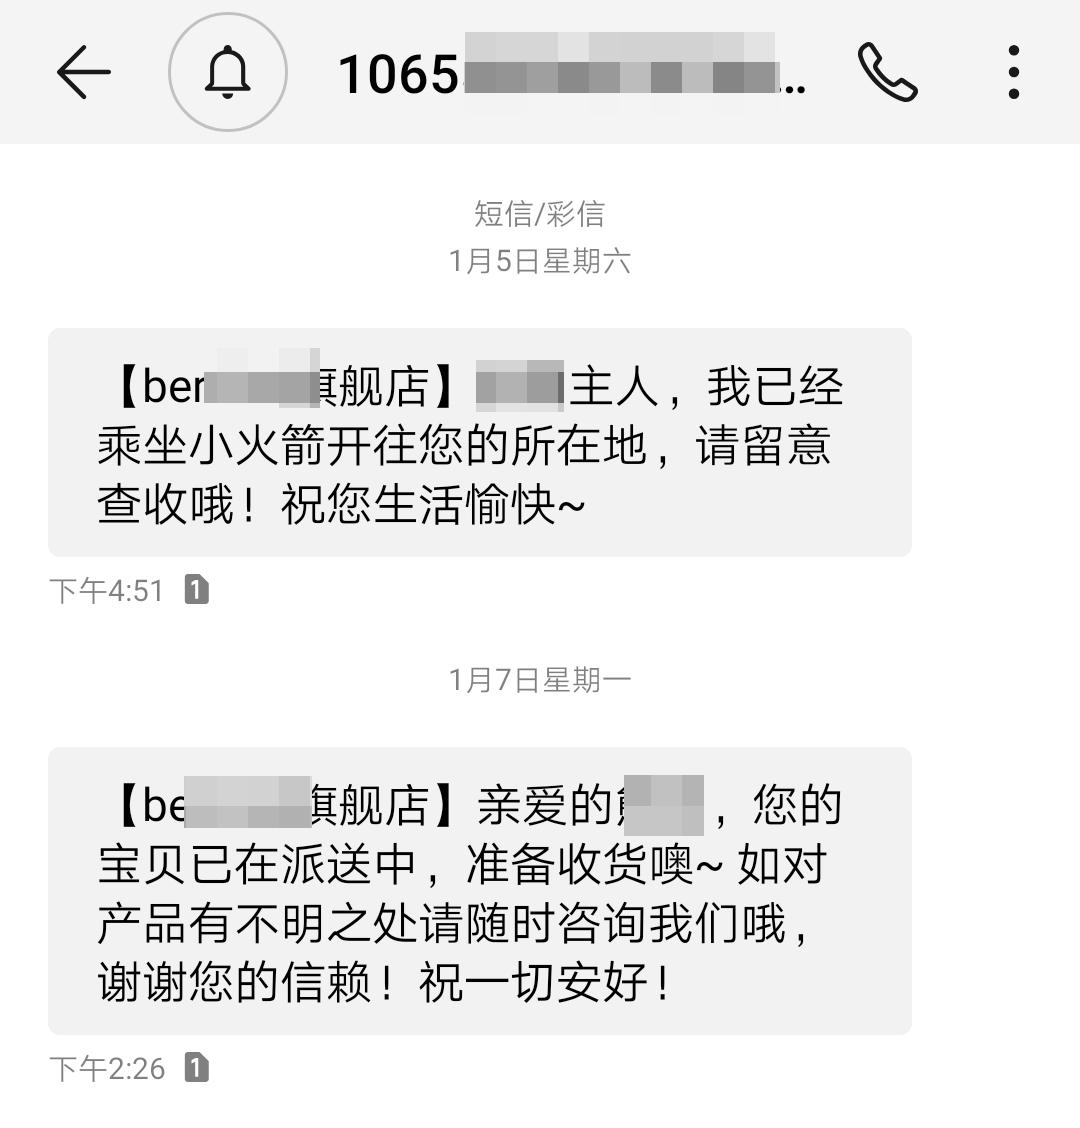 物流短信通知案例.png